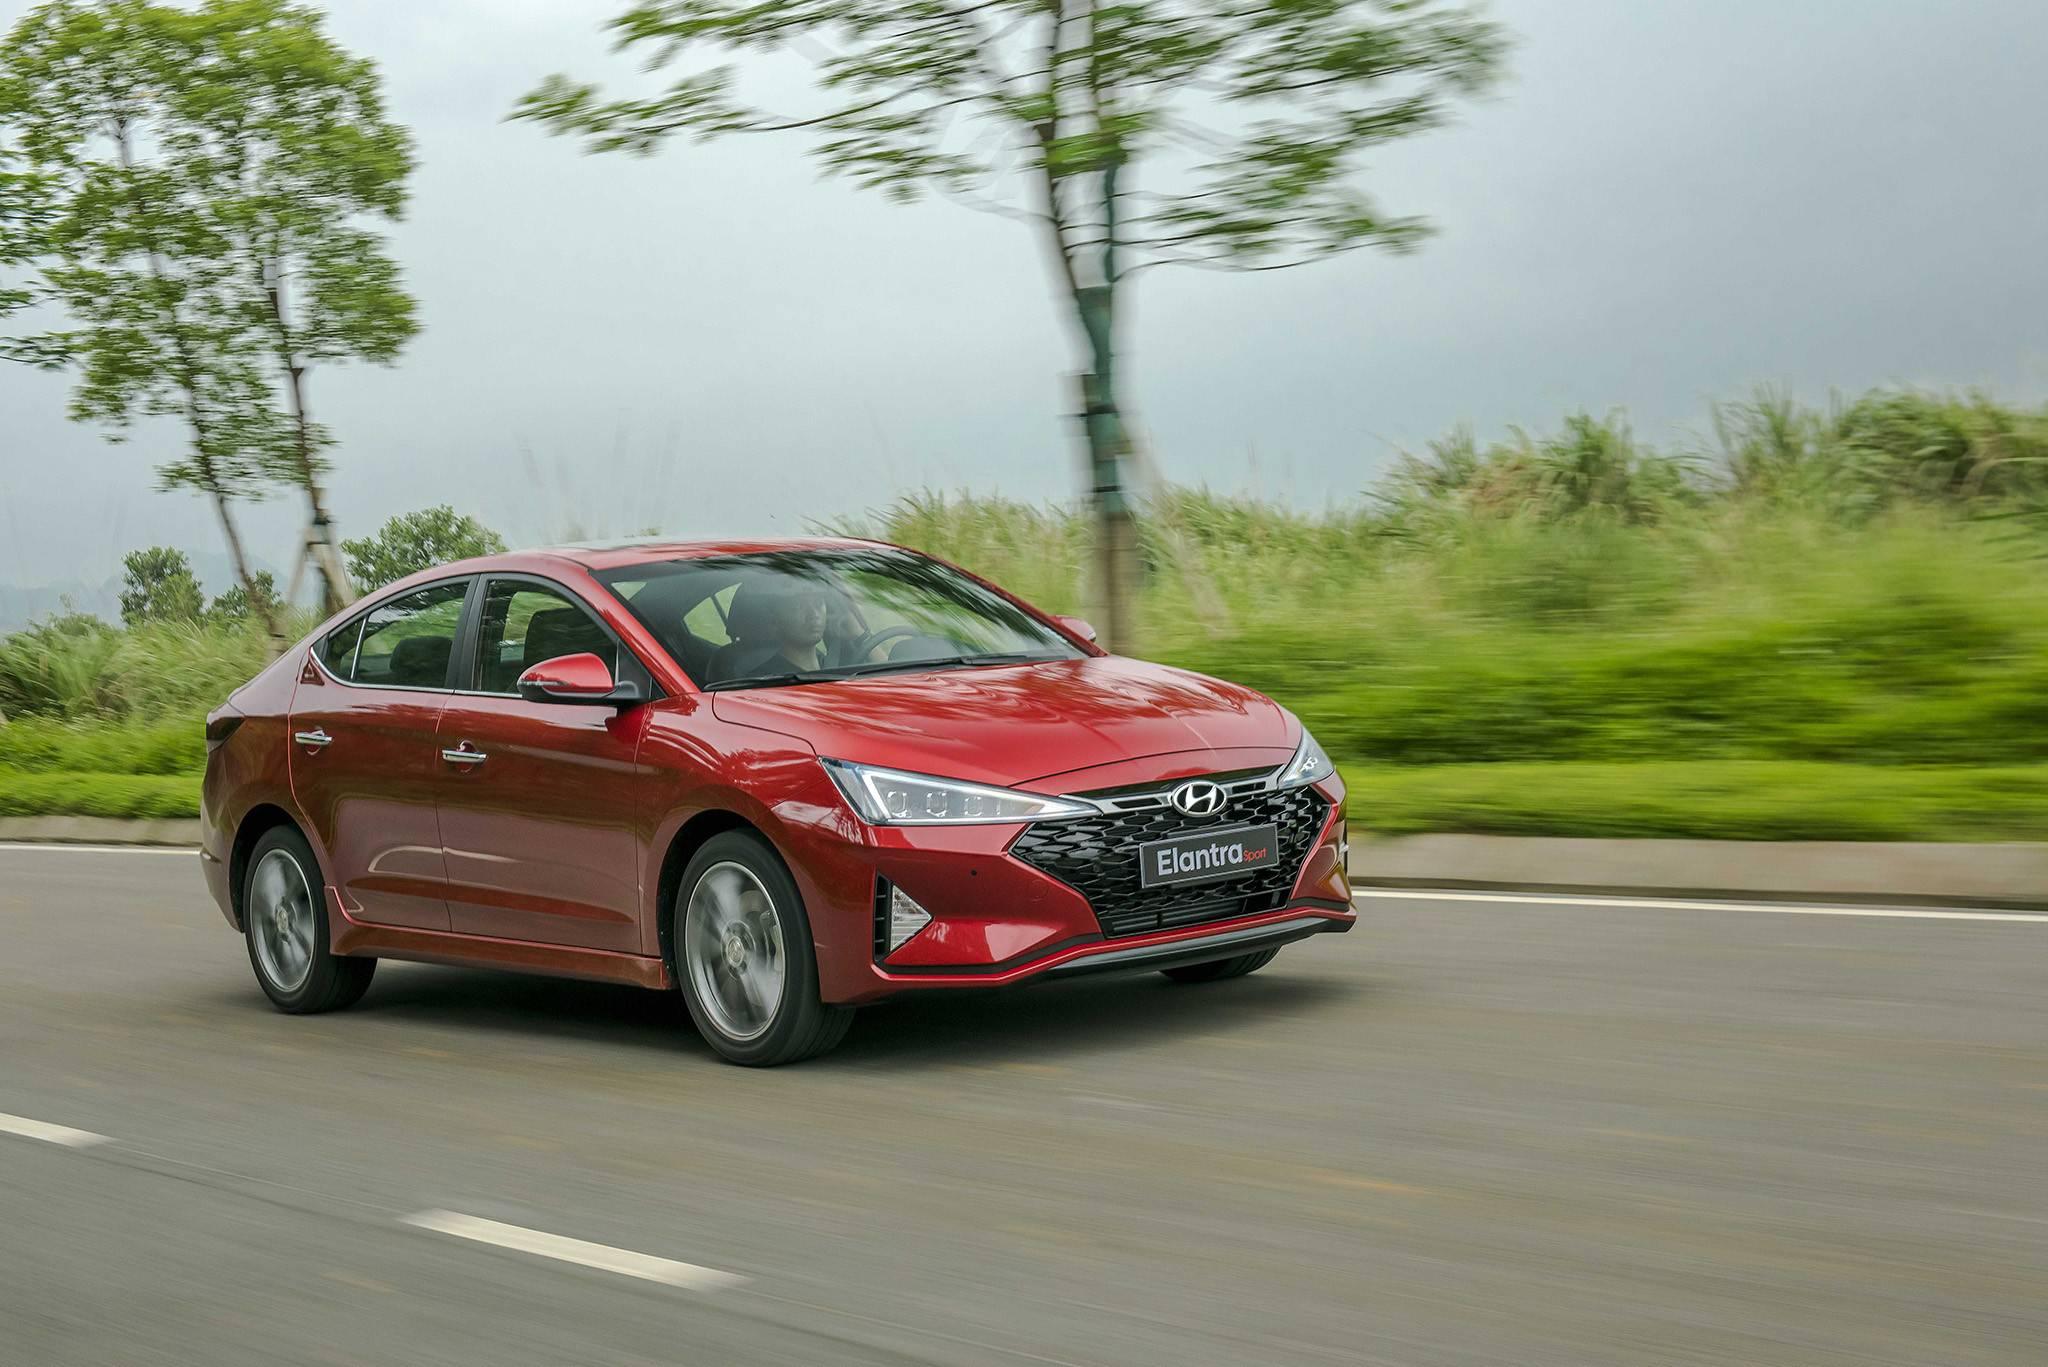 Thị trường xe - 5 tháng đầu 2019, Hyundai Thành Công bán xấp xỉ 30.000 xe